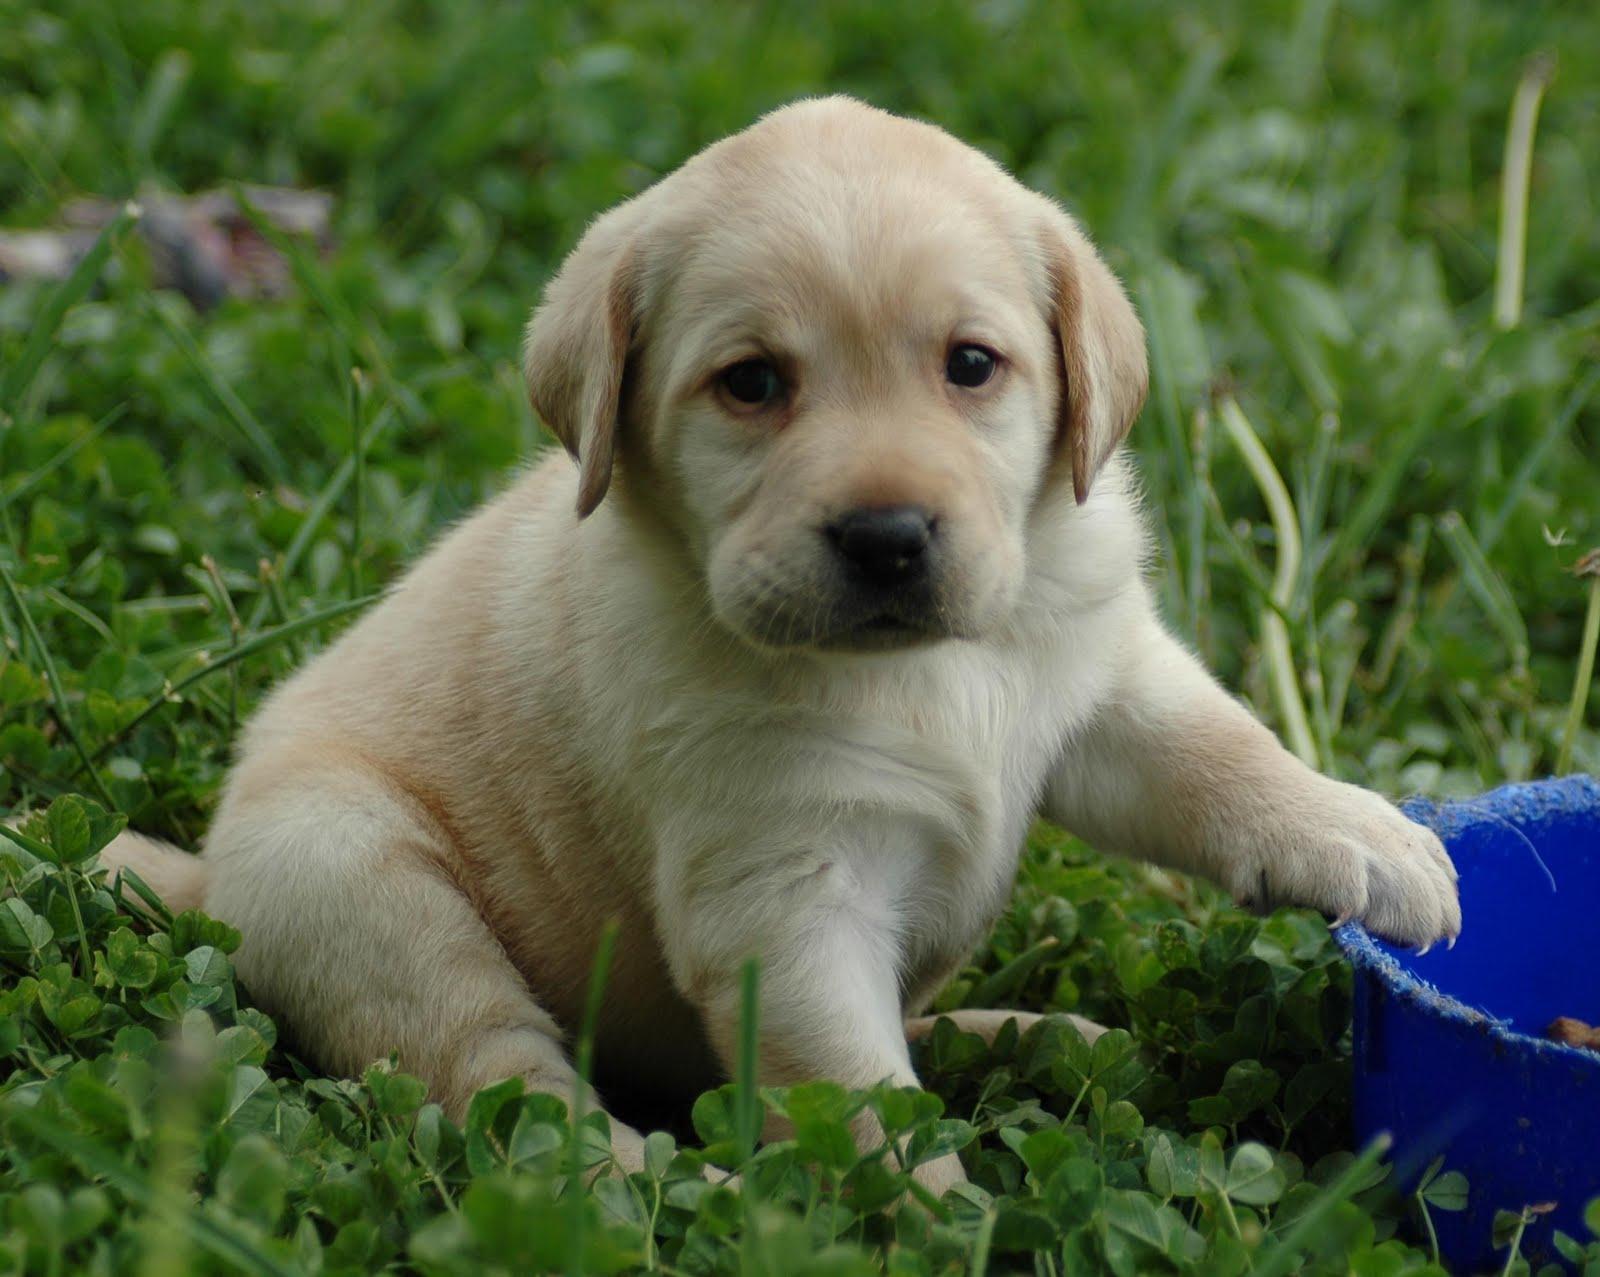 http://2.bp.blogspot.com/-yL-9S5DP3JU/TkYe4AYrRzI/AAAAAAAAC_M/dauv31t98Zw/s1600/puppy-HD-wallpaper.jpg